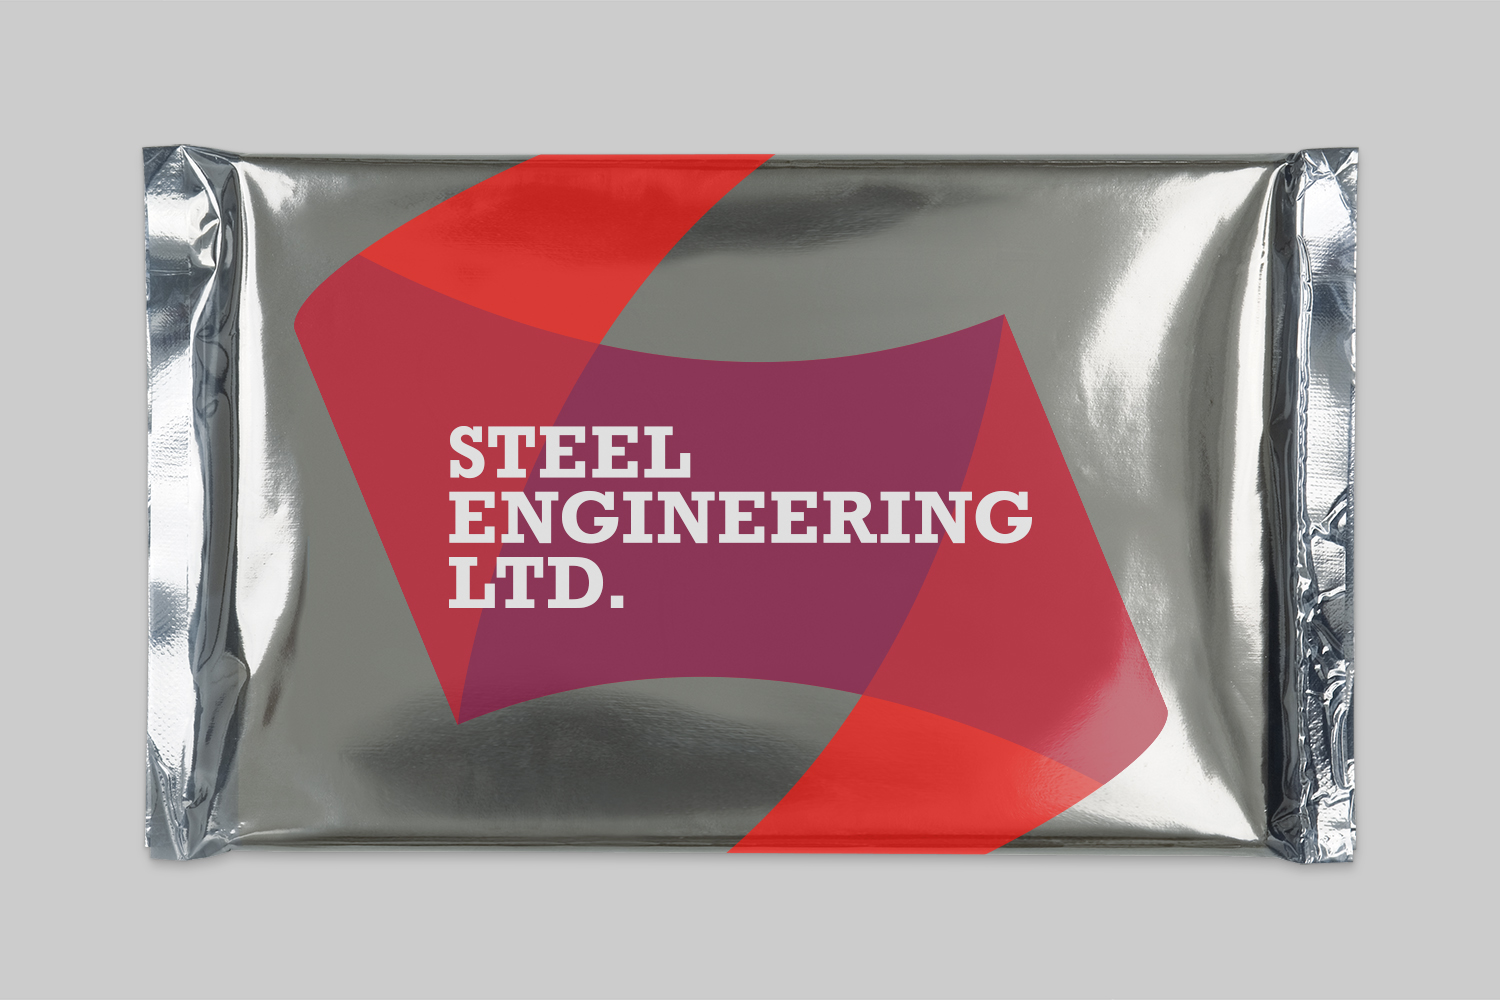 SteelEngineeringLtd_1500x1000_1.jpg